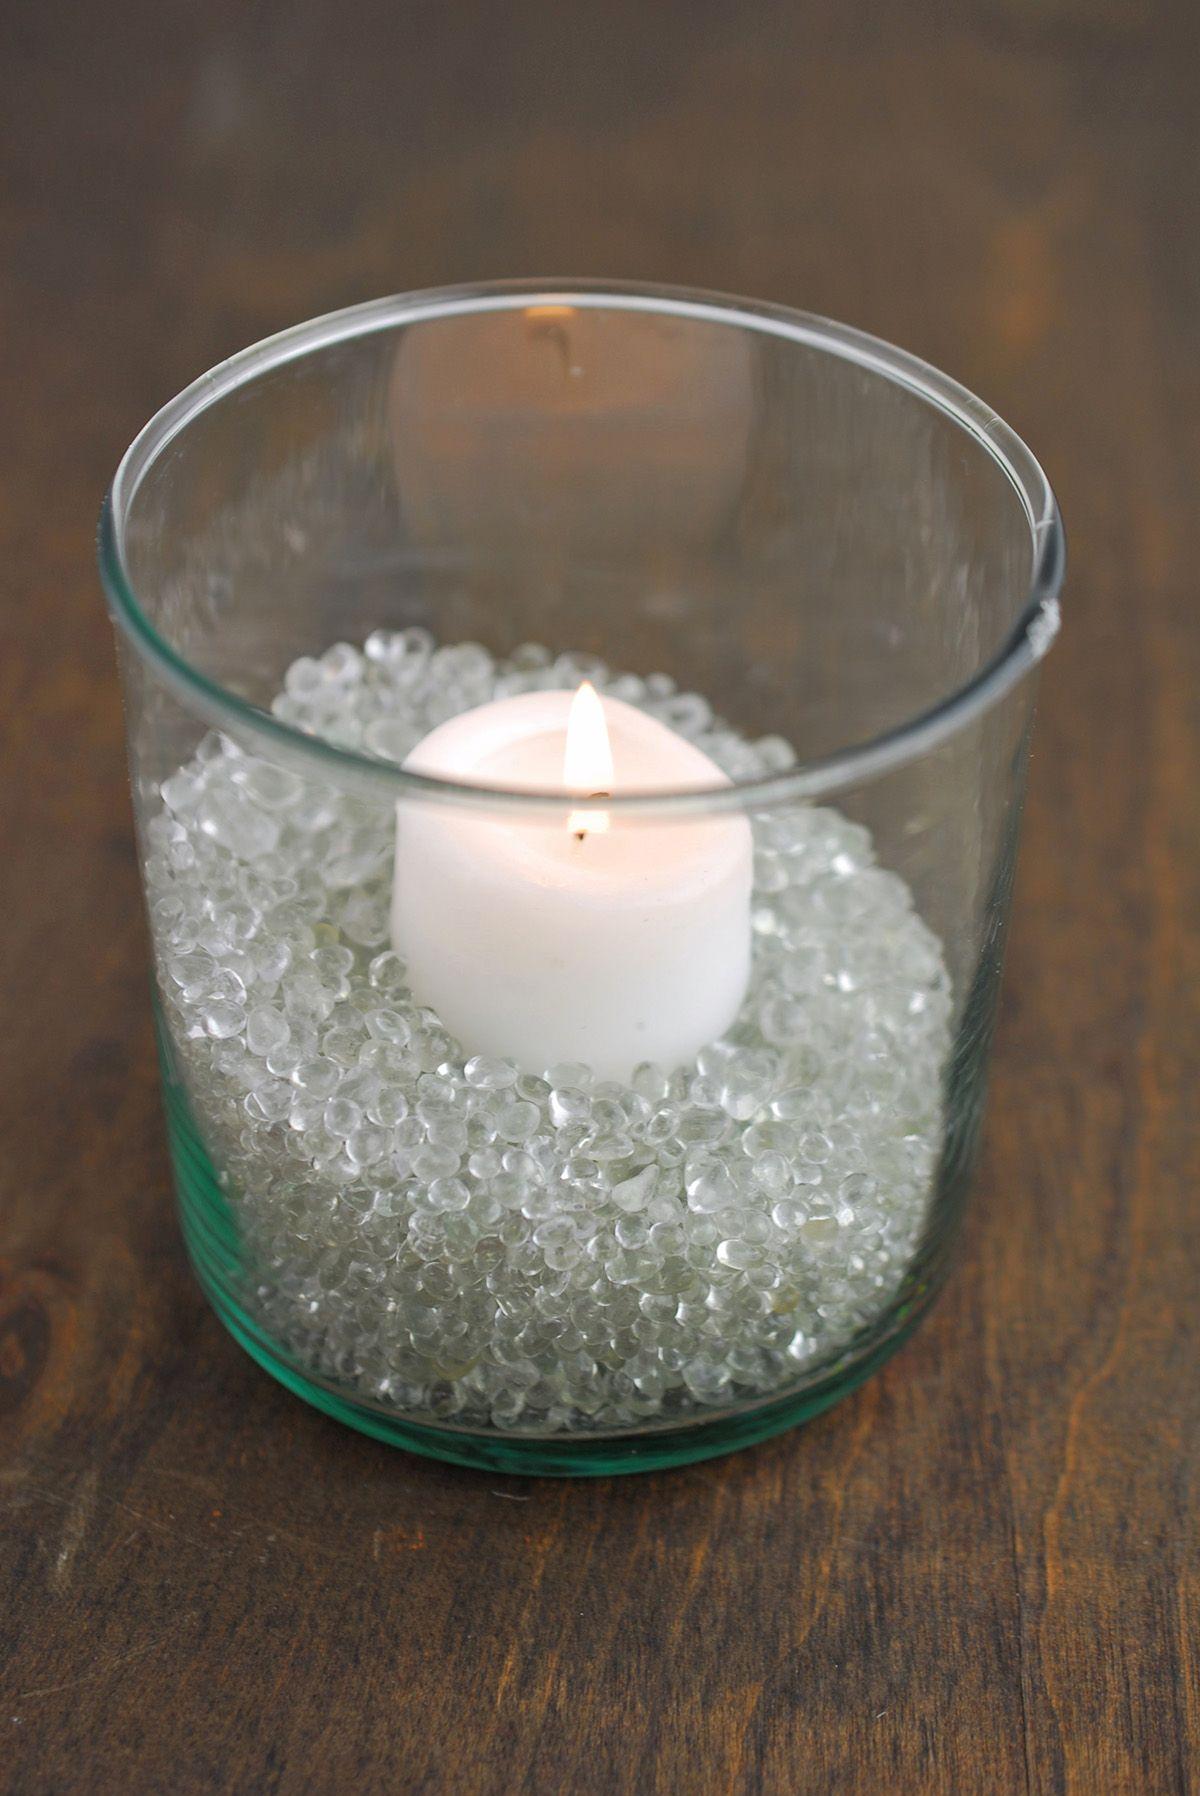 Glass bead vase filler glass glass glass bead vase filler reviewsmspy